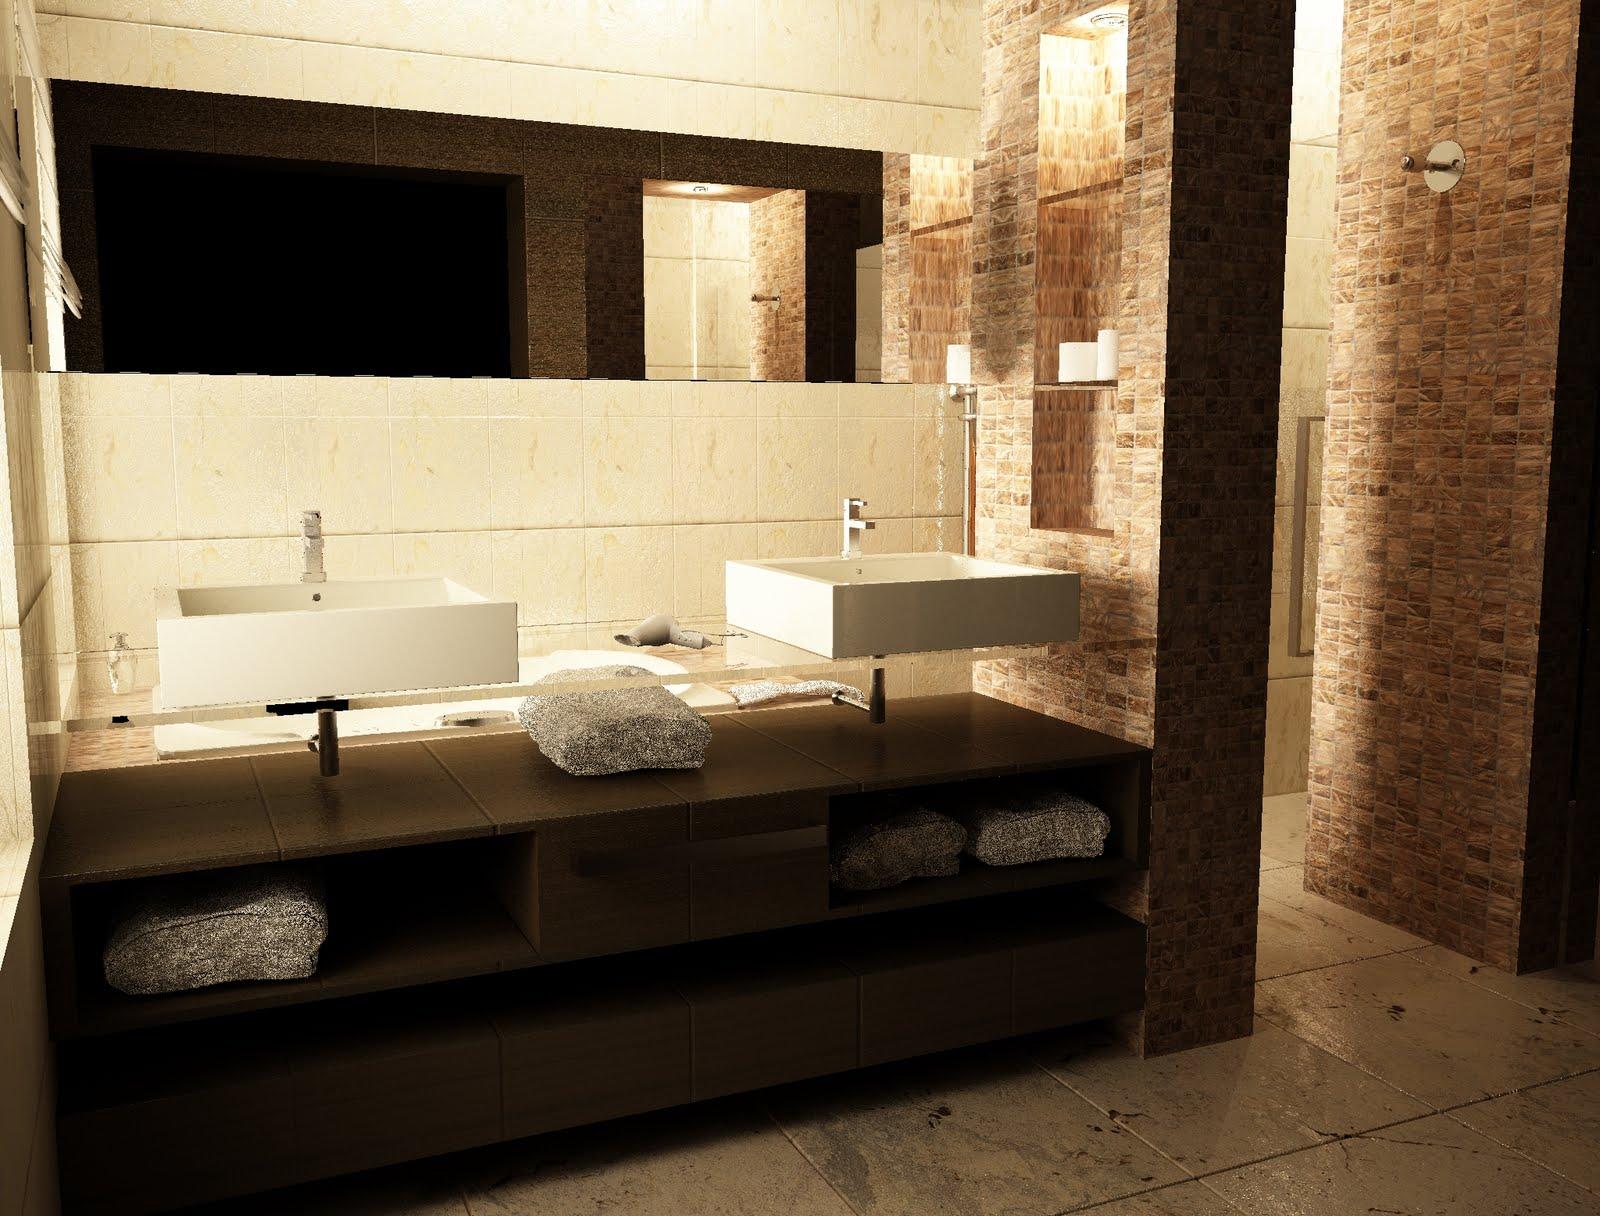 Baño Vestidor Arquitectura:estudio np arquitectura & diseño: Ampliación Baño y Vestidor Viv